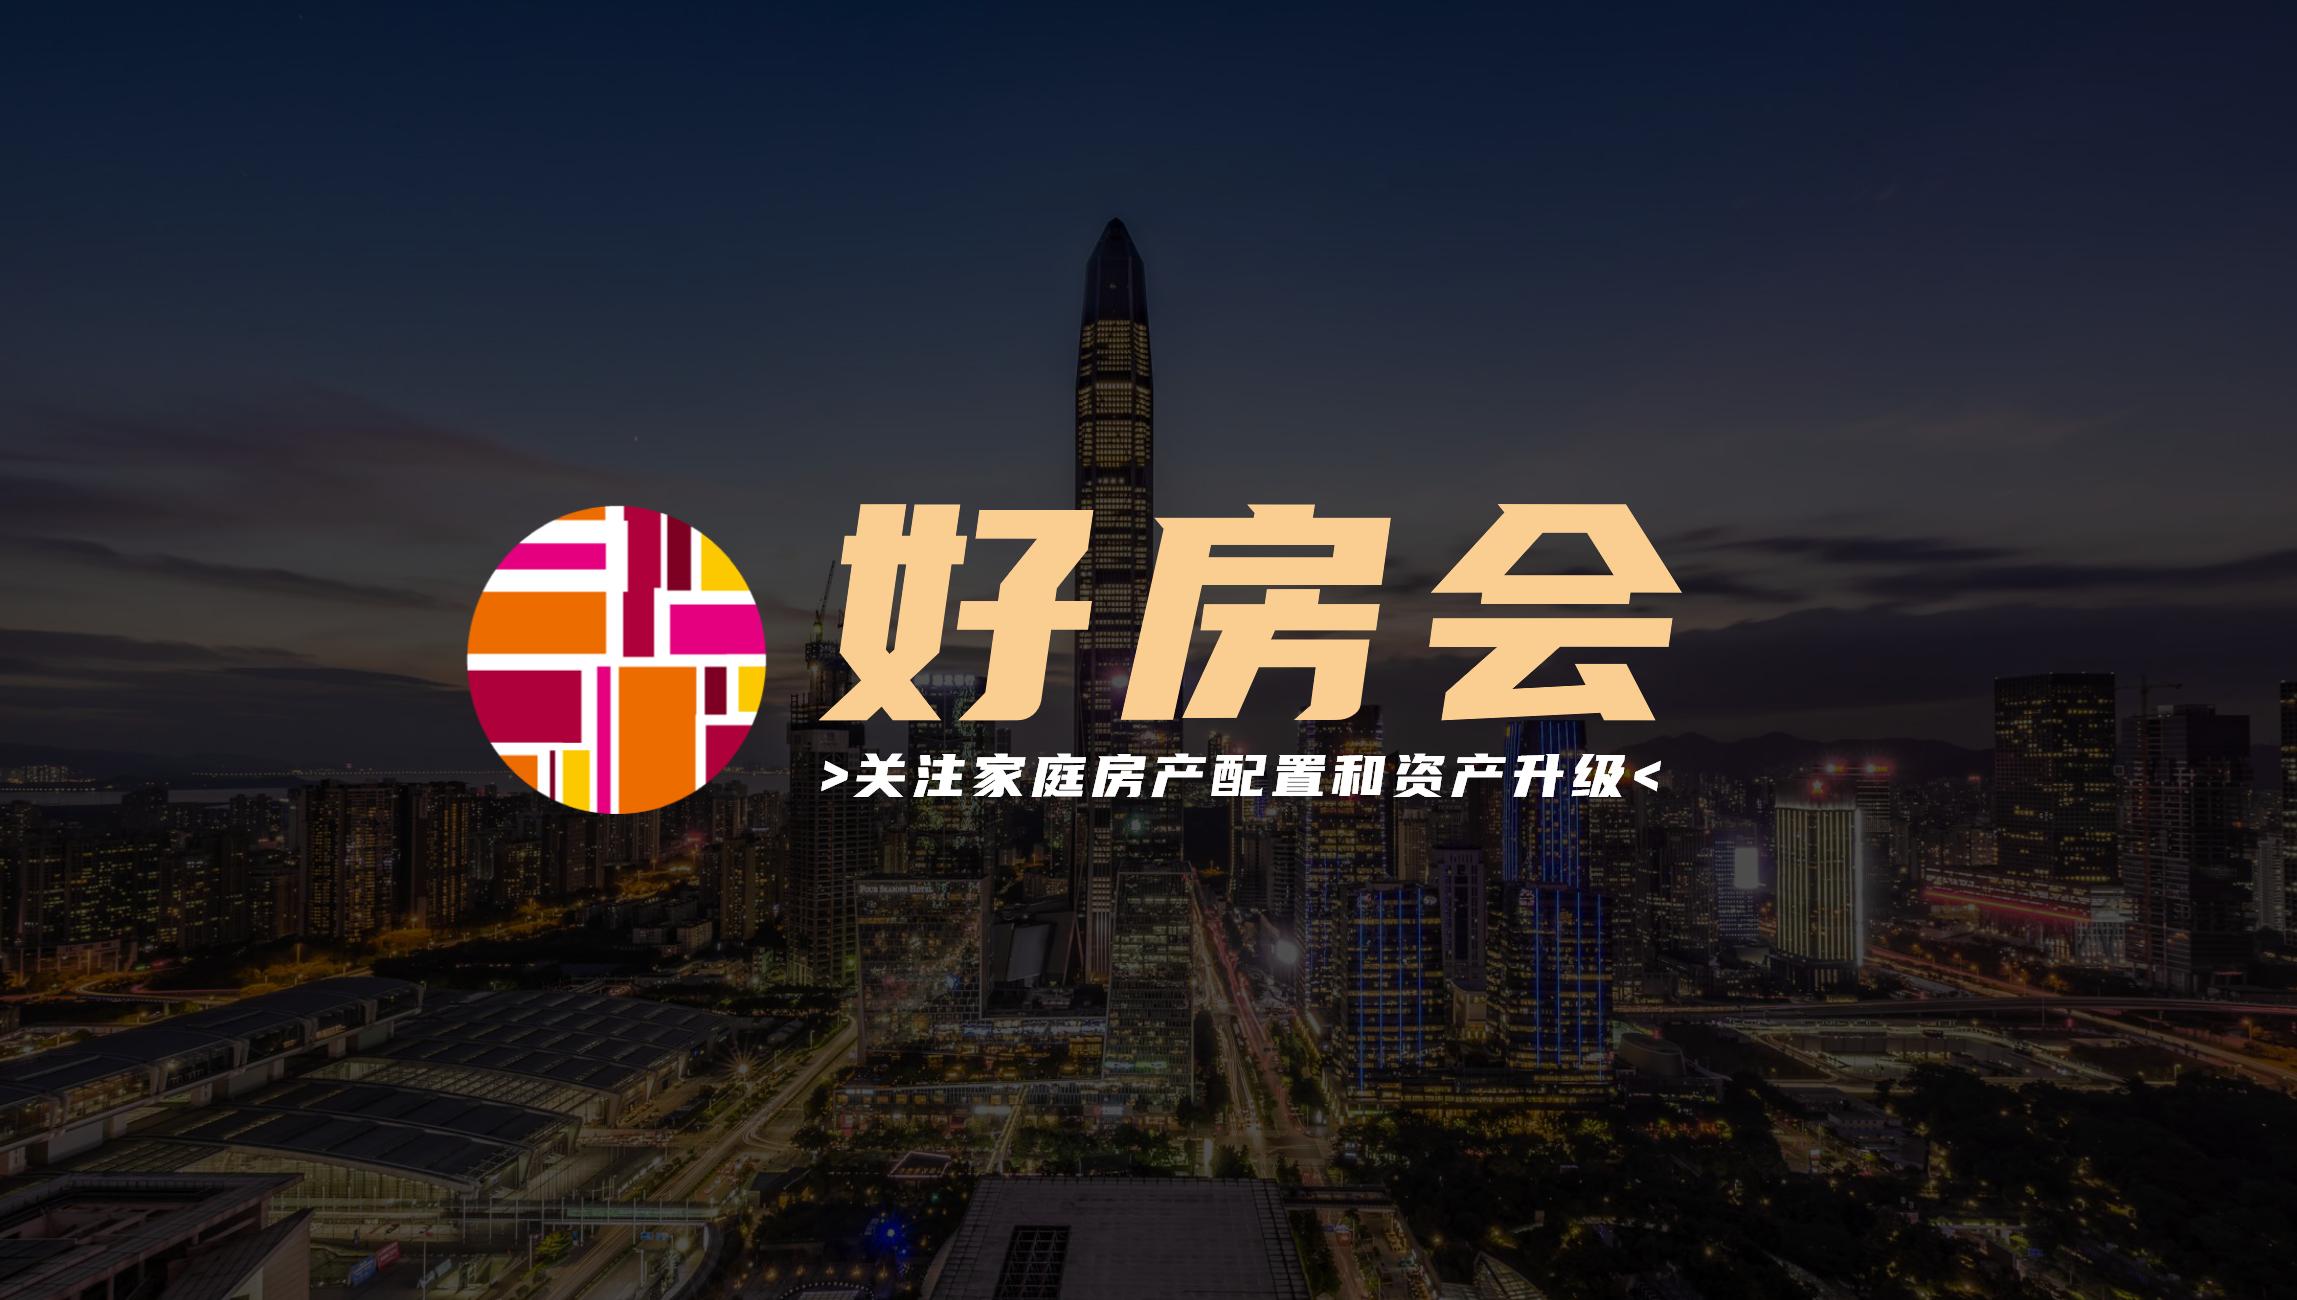 《深圳买房定制方案》服务介绍 · 好房会插图3